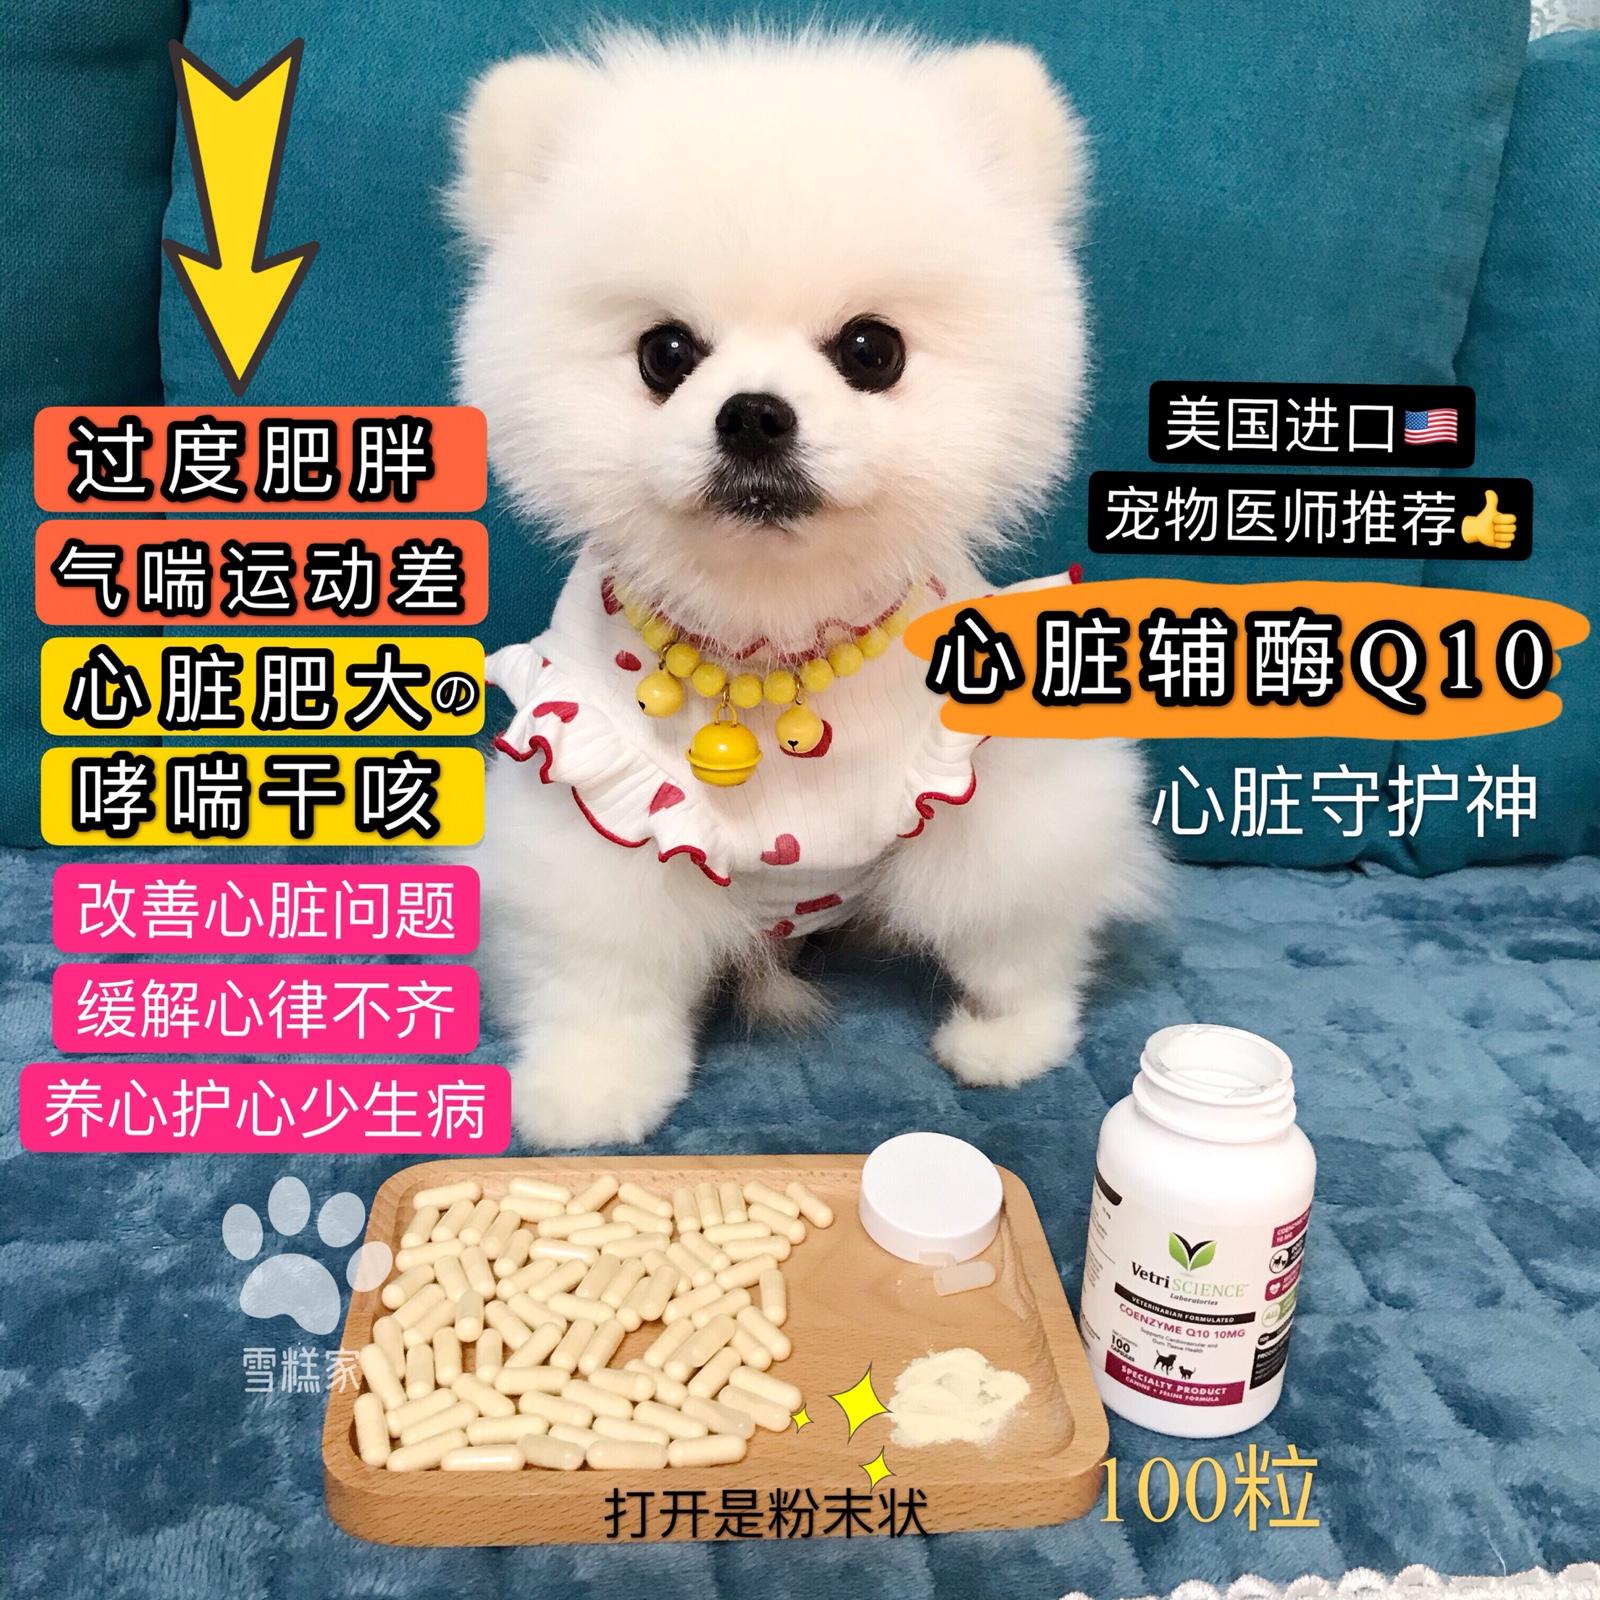 mini同款心脏病宠物辅酶q10心脏保健品q10狗猫通用美国益心康